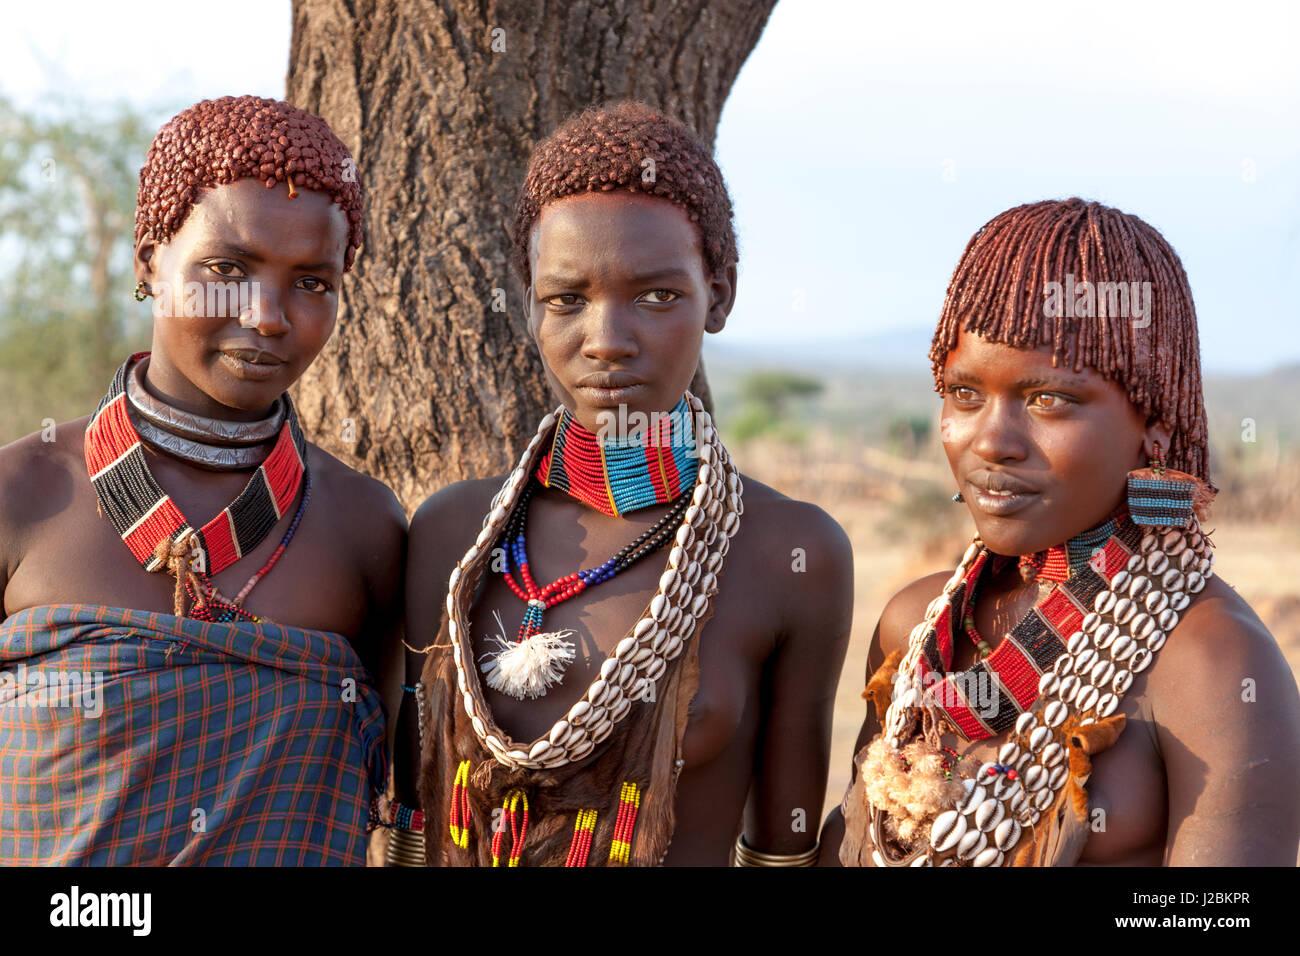 34-mursi-tribe-woman-mago-omo   Viajes fotograficos al